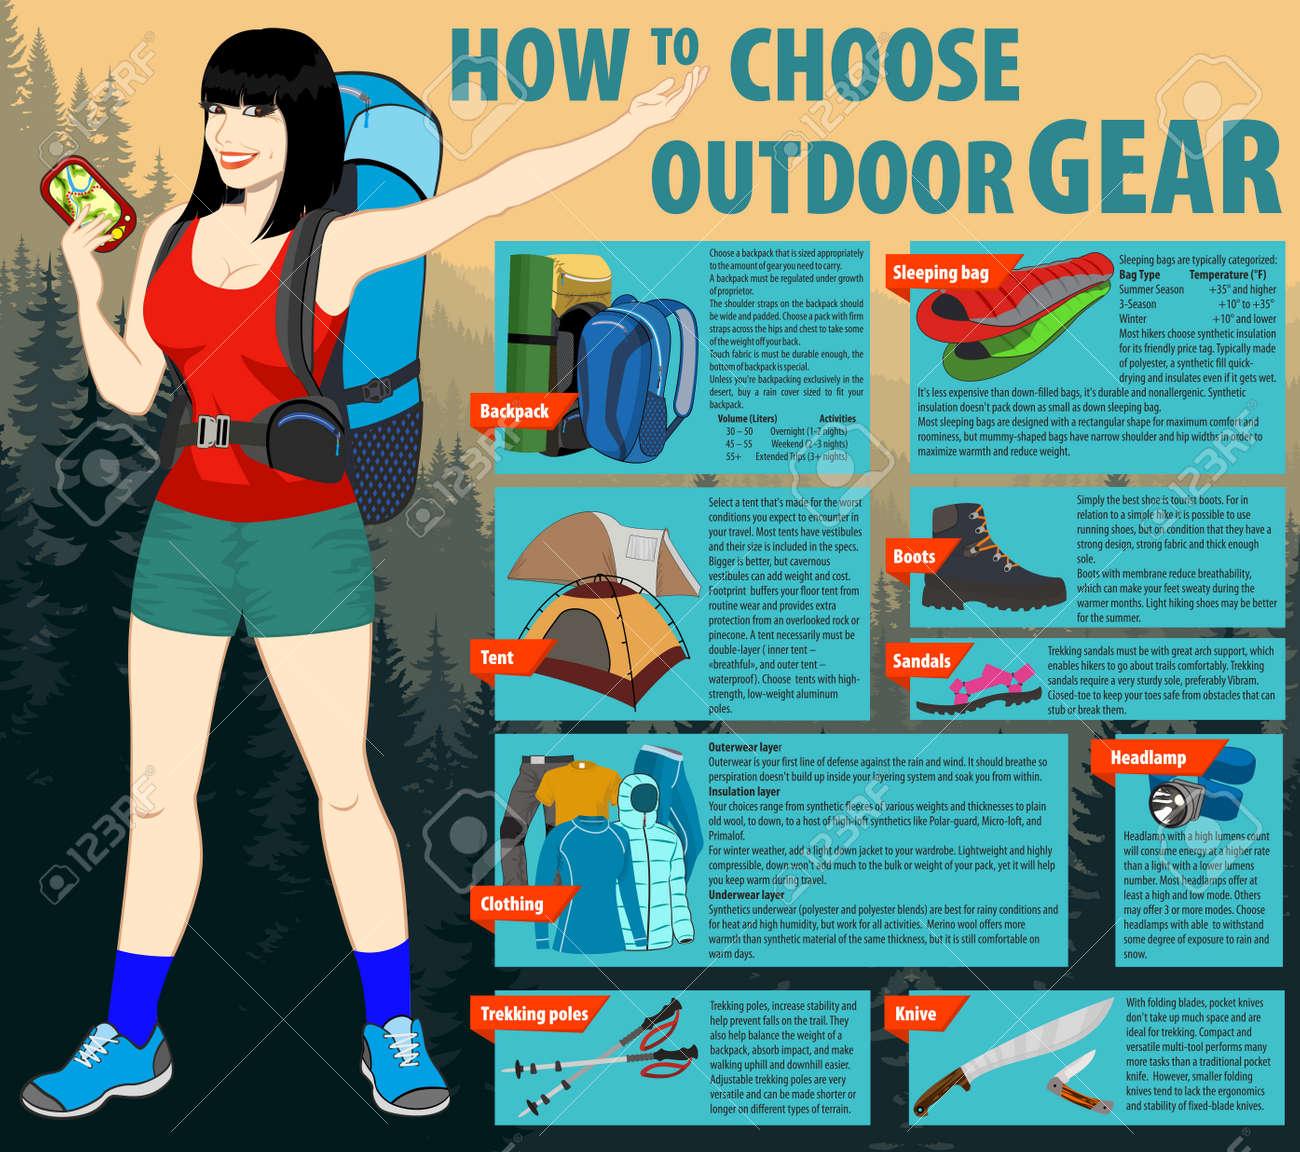 c7f6abb353a6a Banque d'images - Comment choisir équipement de plein air. Randonnée femme  et randonnée pédestre et matériel de camping équipement